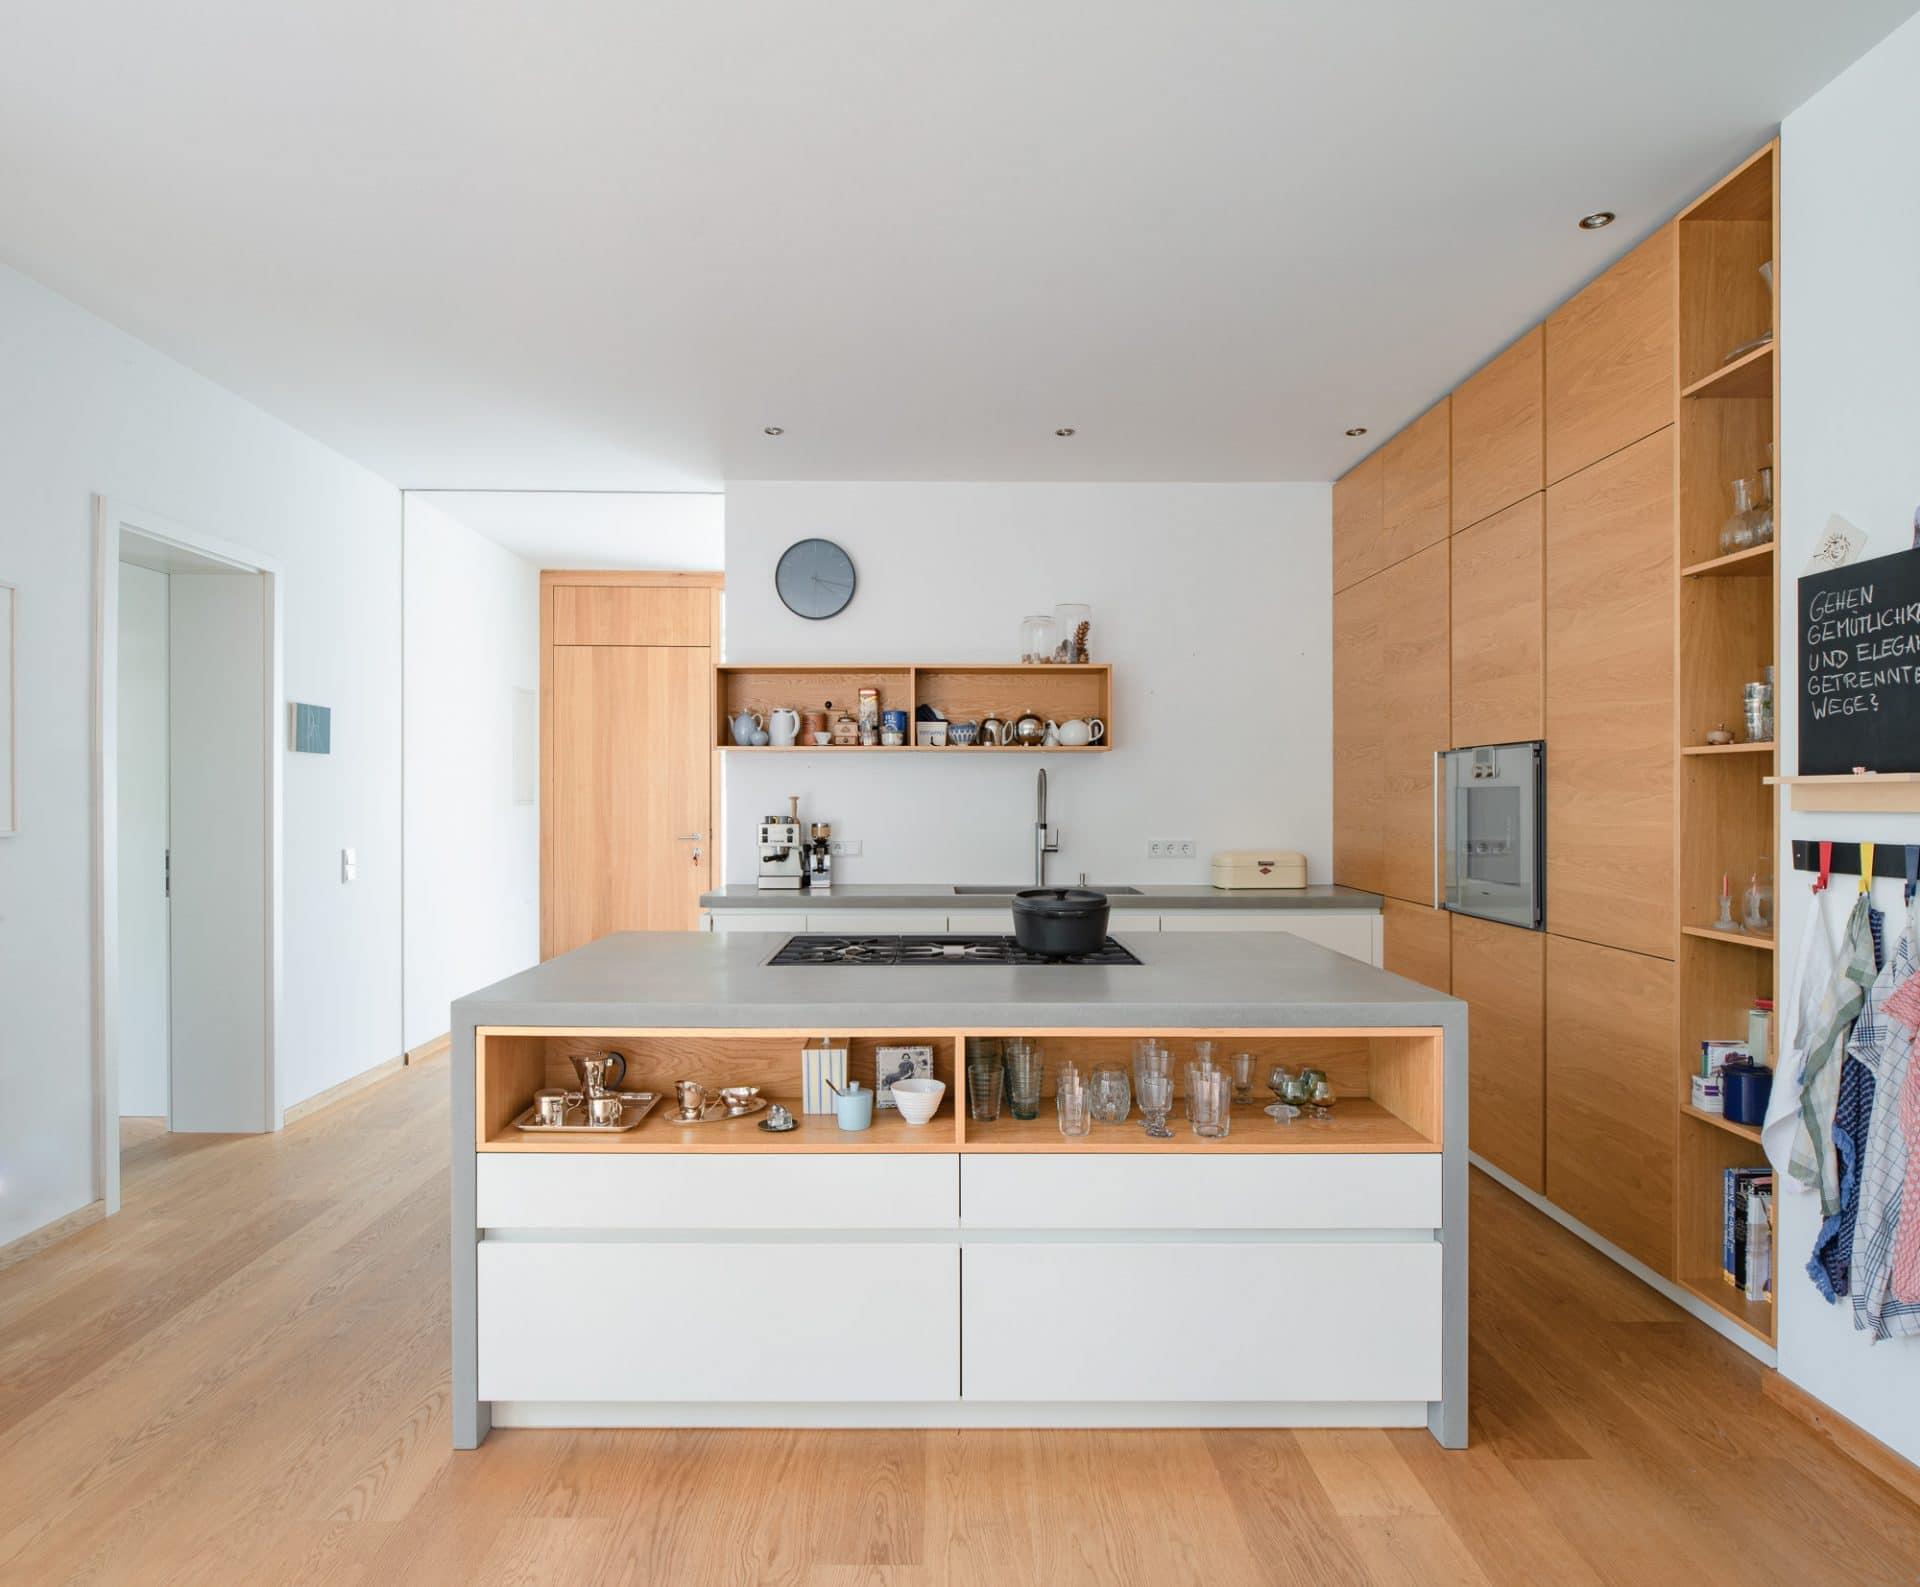 Küchendesign von VOIT aus Beton in Kombination mit Eiche Natur Fronten und Regalen mit Gaggenau Kochfeld und Herd